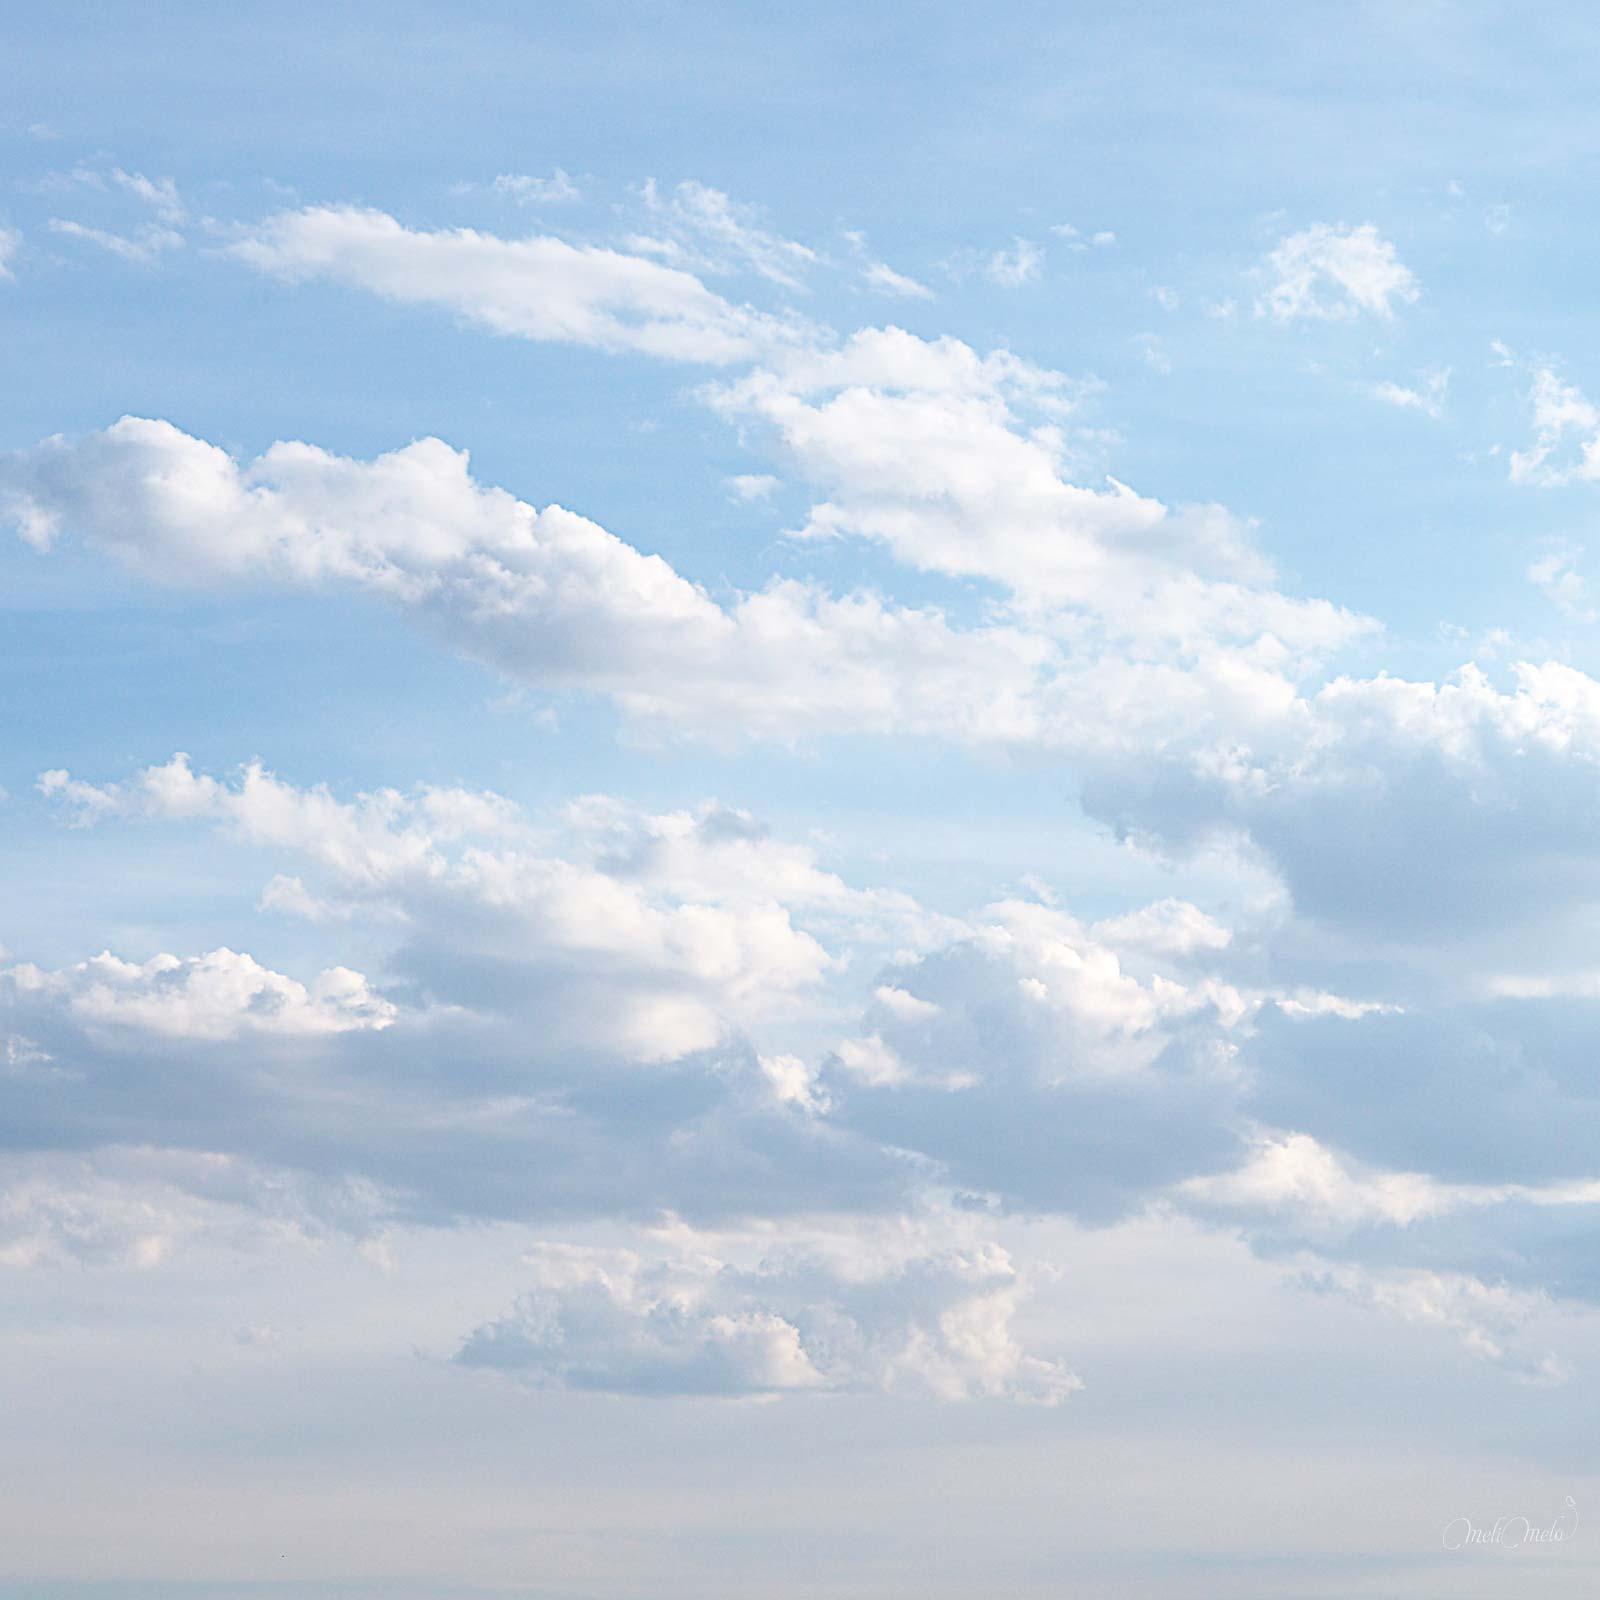 ciel et nuages Valladolid ça moutonne inspiration tissage laboutiquedemelimelo